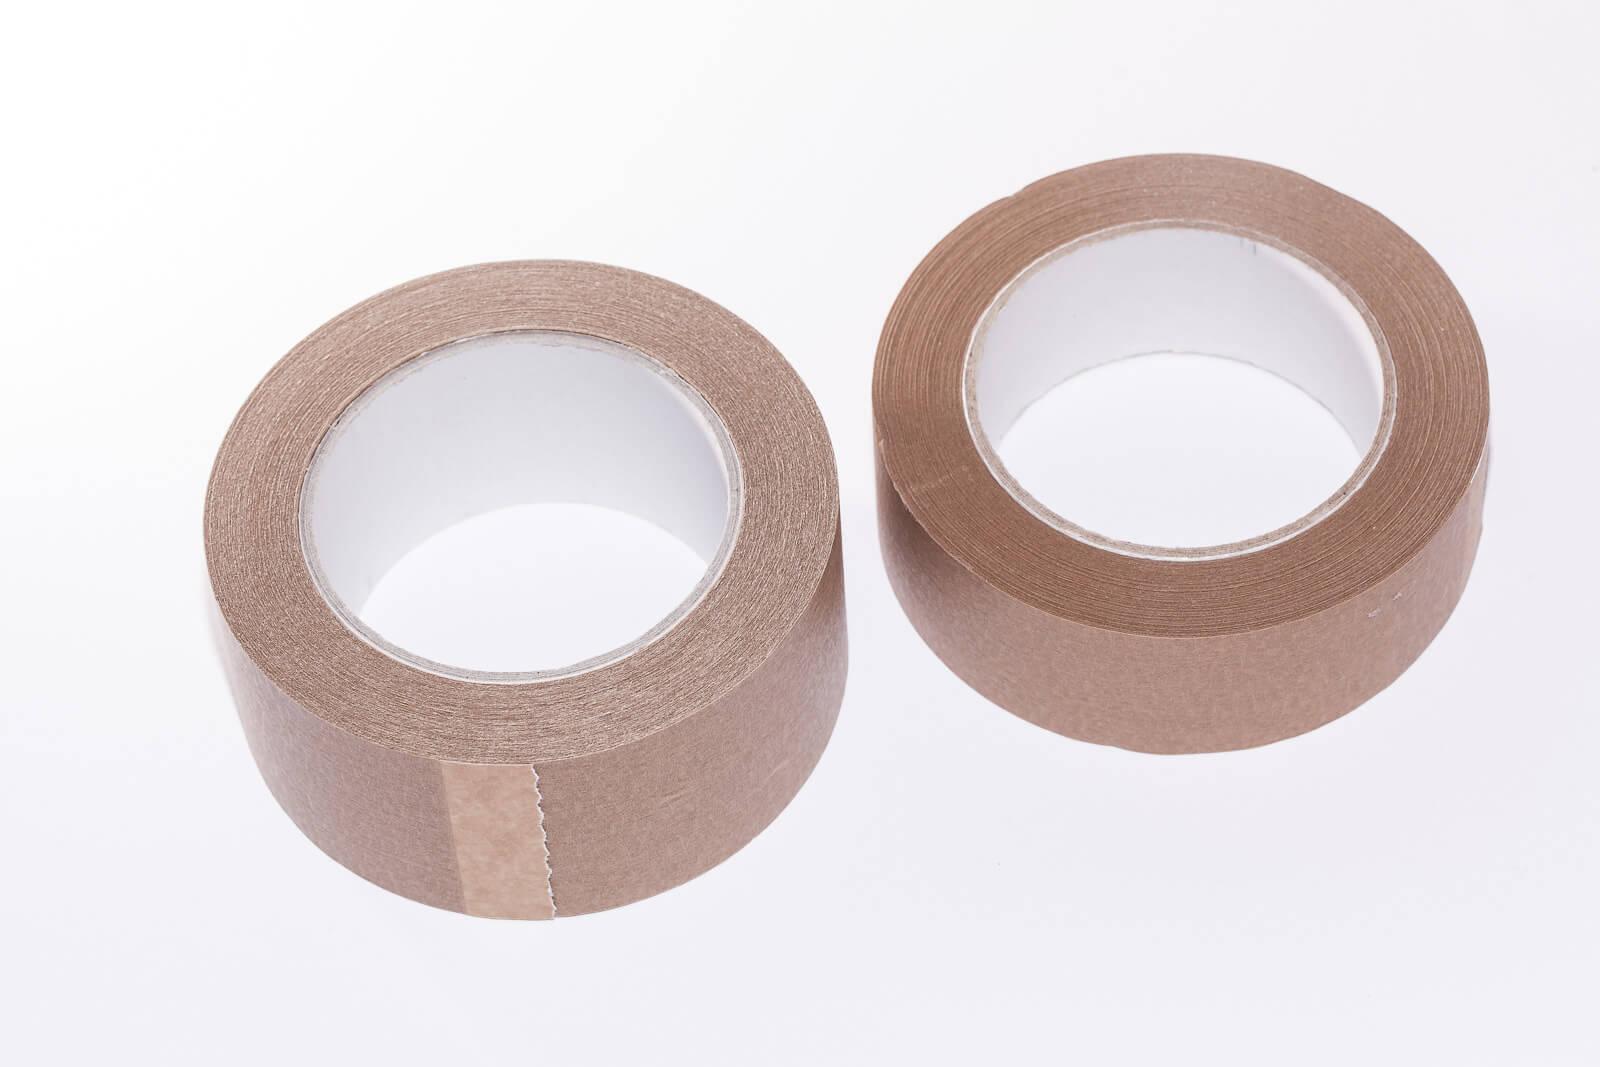 Eine Aufnahme von zwei Sselbstklebenden Papierklebebändern ECO15+